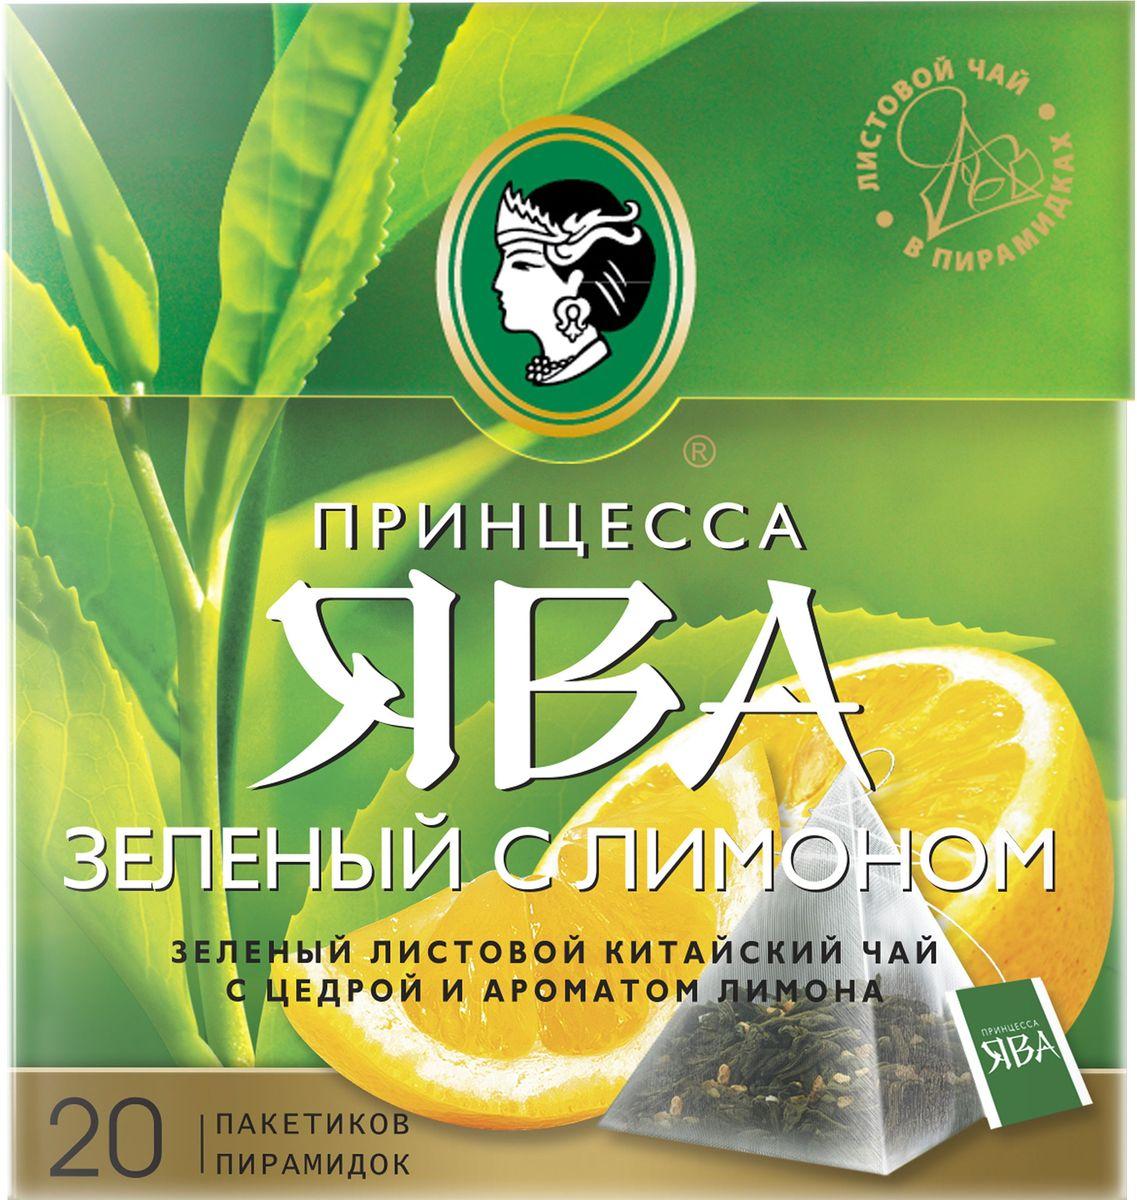 Принцесса Ява Зеленый с лимоном чай в пирамидках, 20 шт0945-18Чай с добавлением лимона лучше восстанавливает силы, утоляет жажду, освежает в жару, улучшает вкусовые качества напитка.